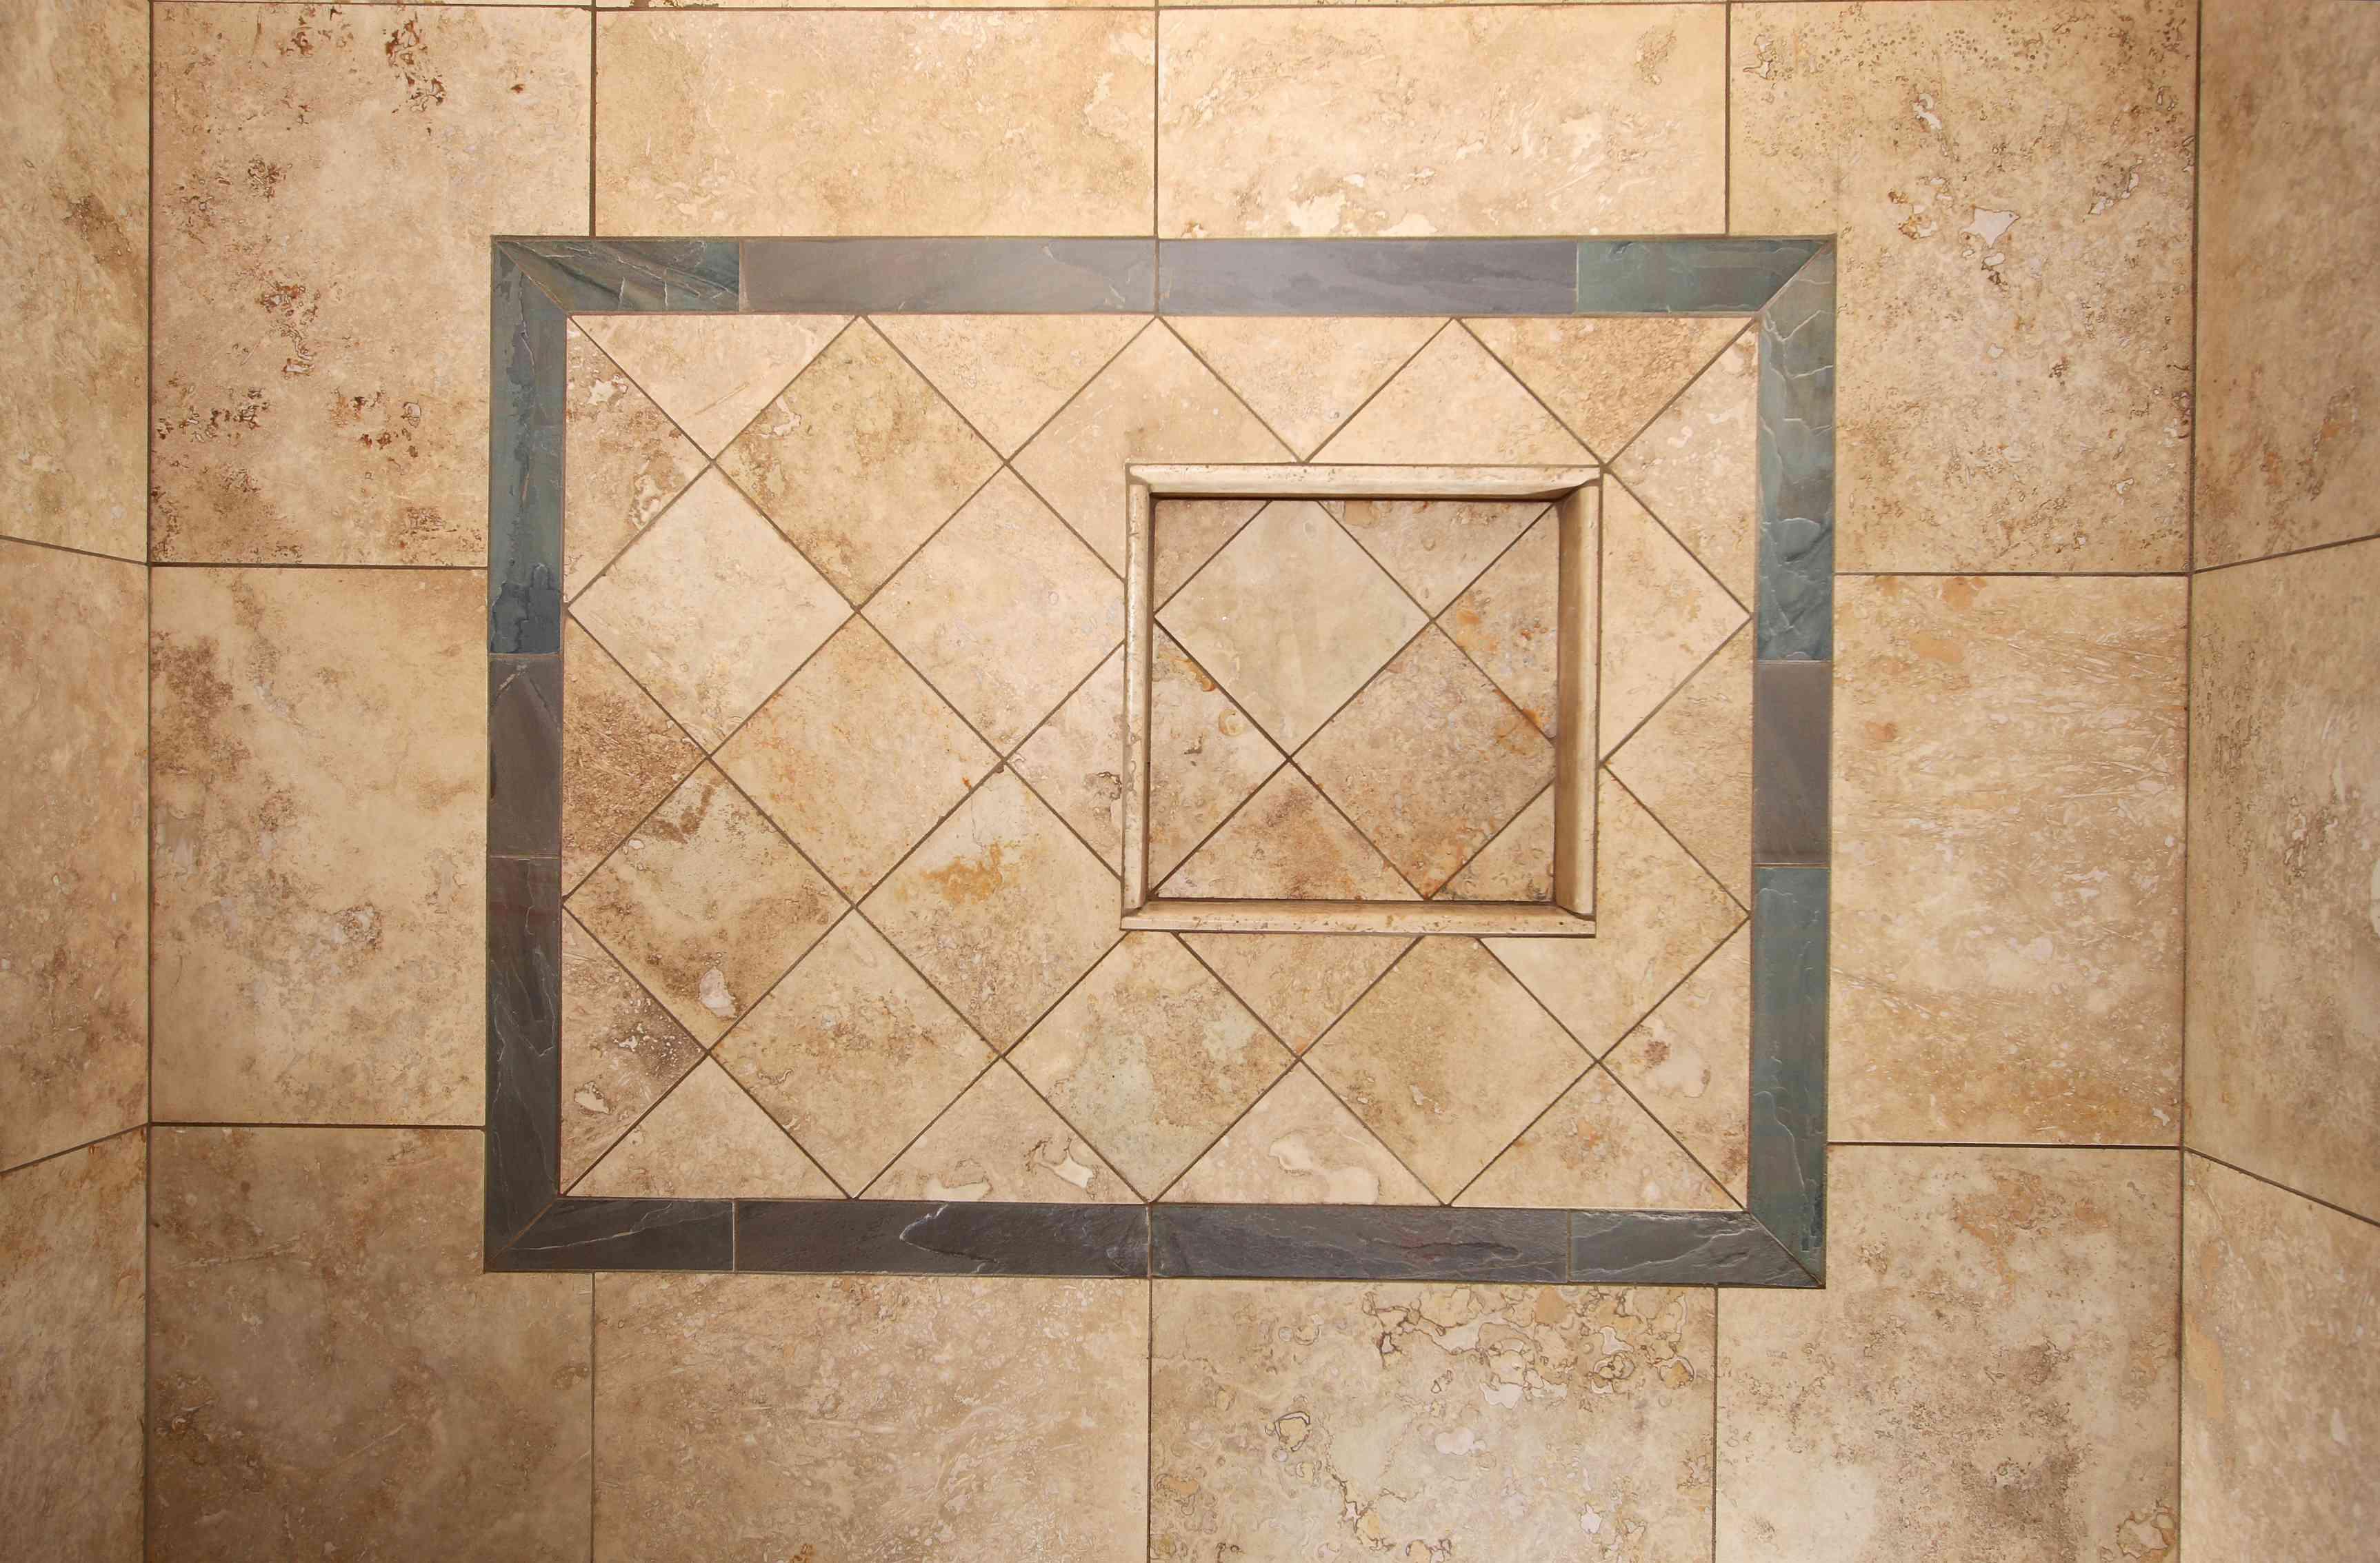 Bathroom Remodel Series 8: Travertine & Slate